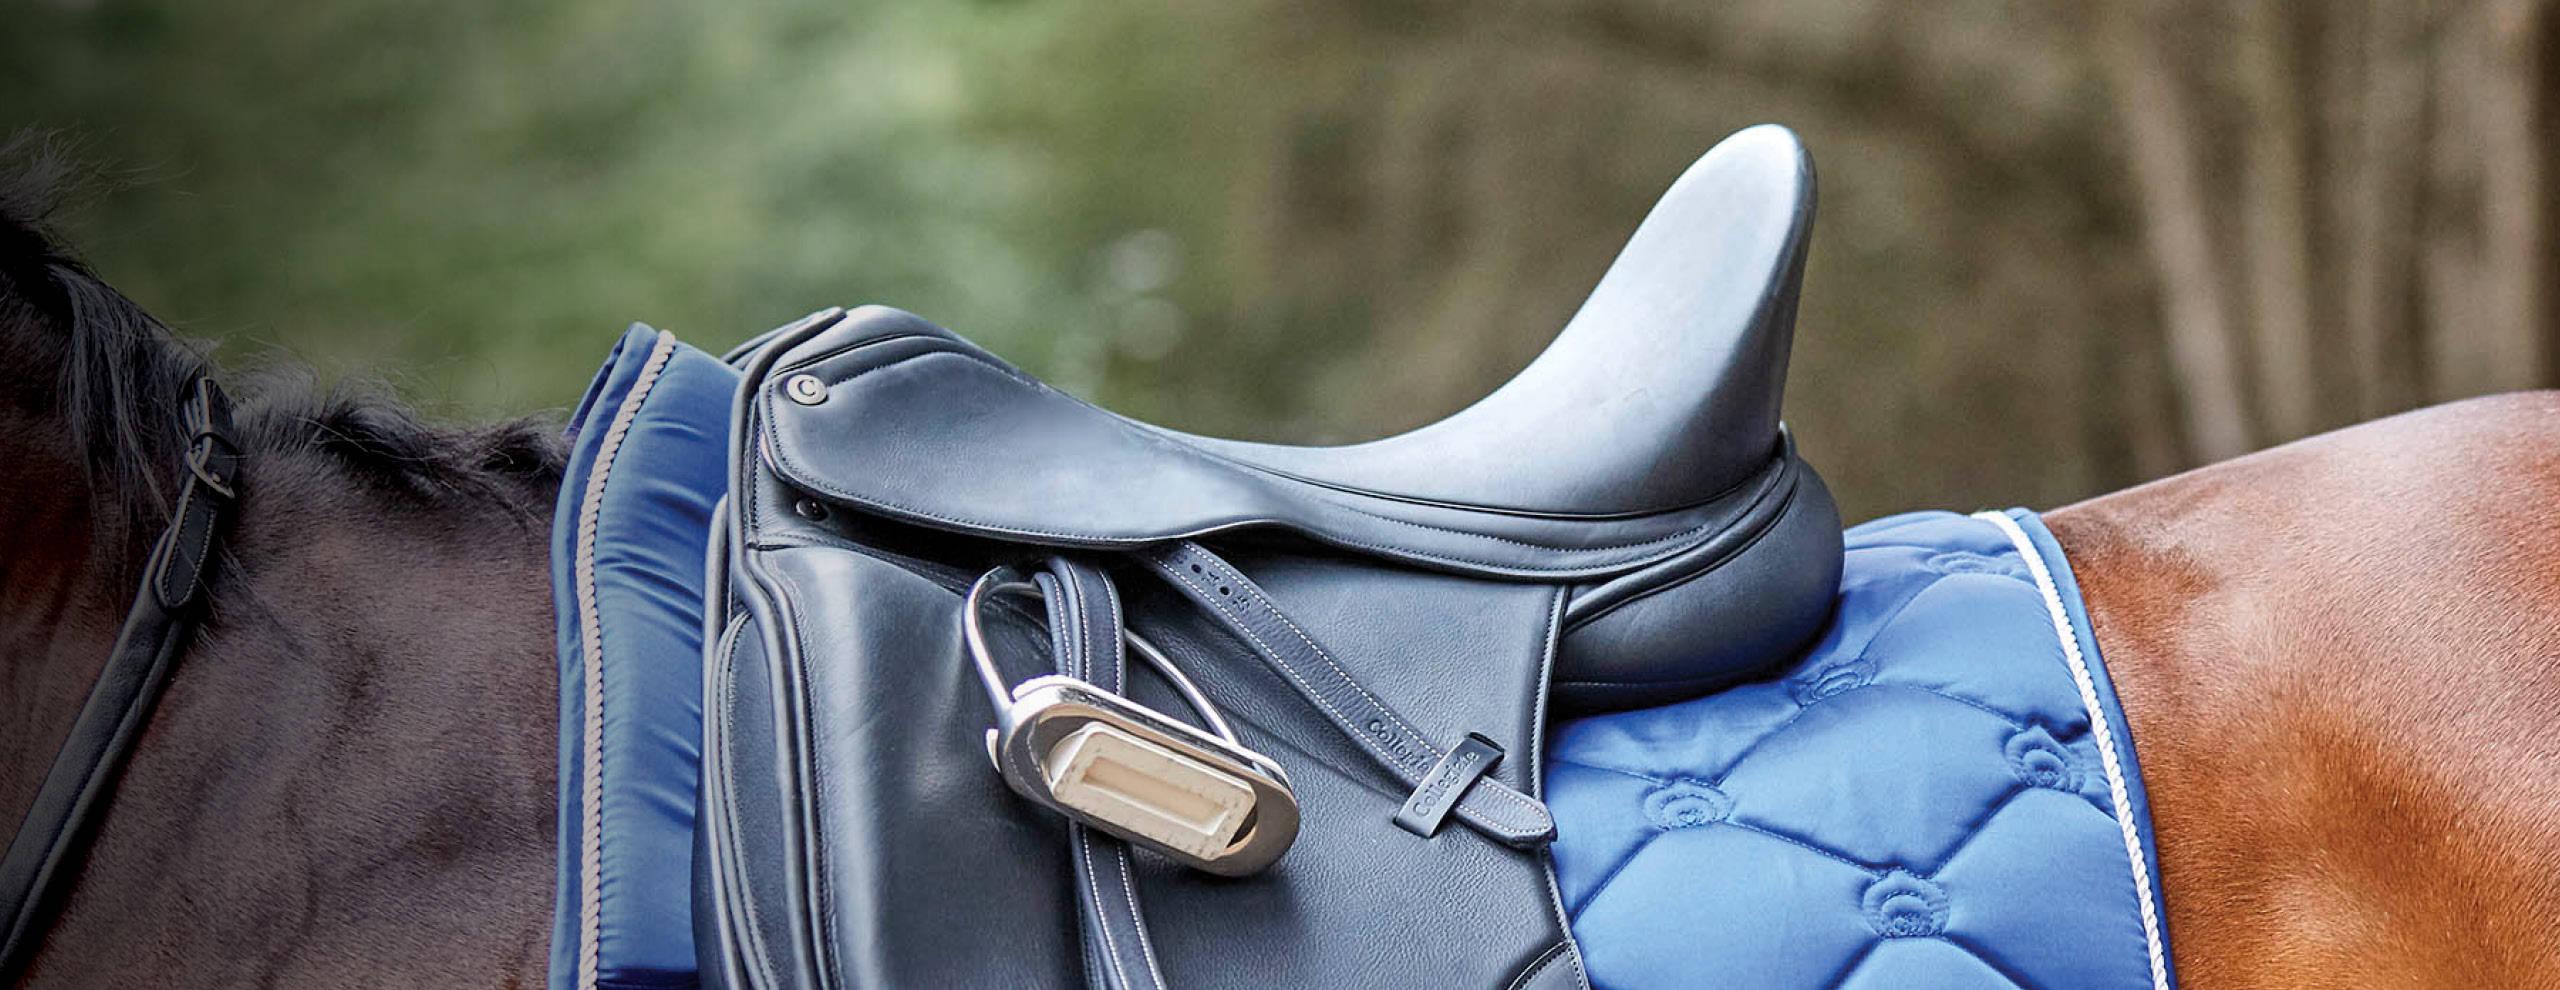 Collegiate Saddles